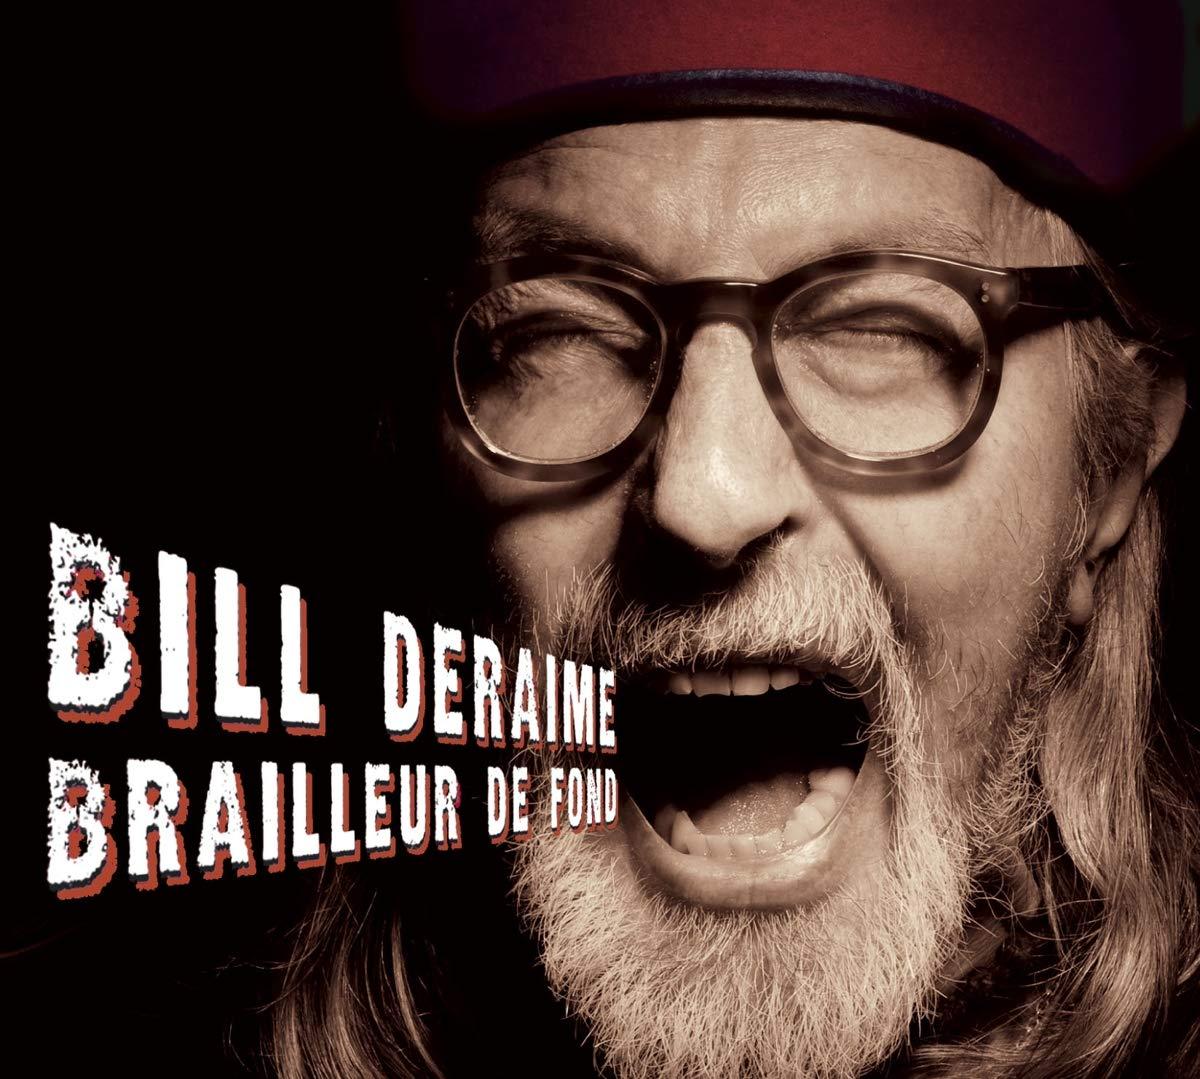 BILL DE BRAILLEUR TÉLÉCHARGER FOND DERAIME